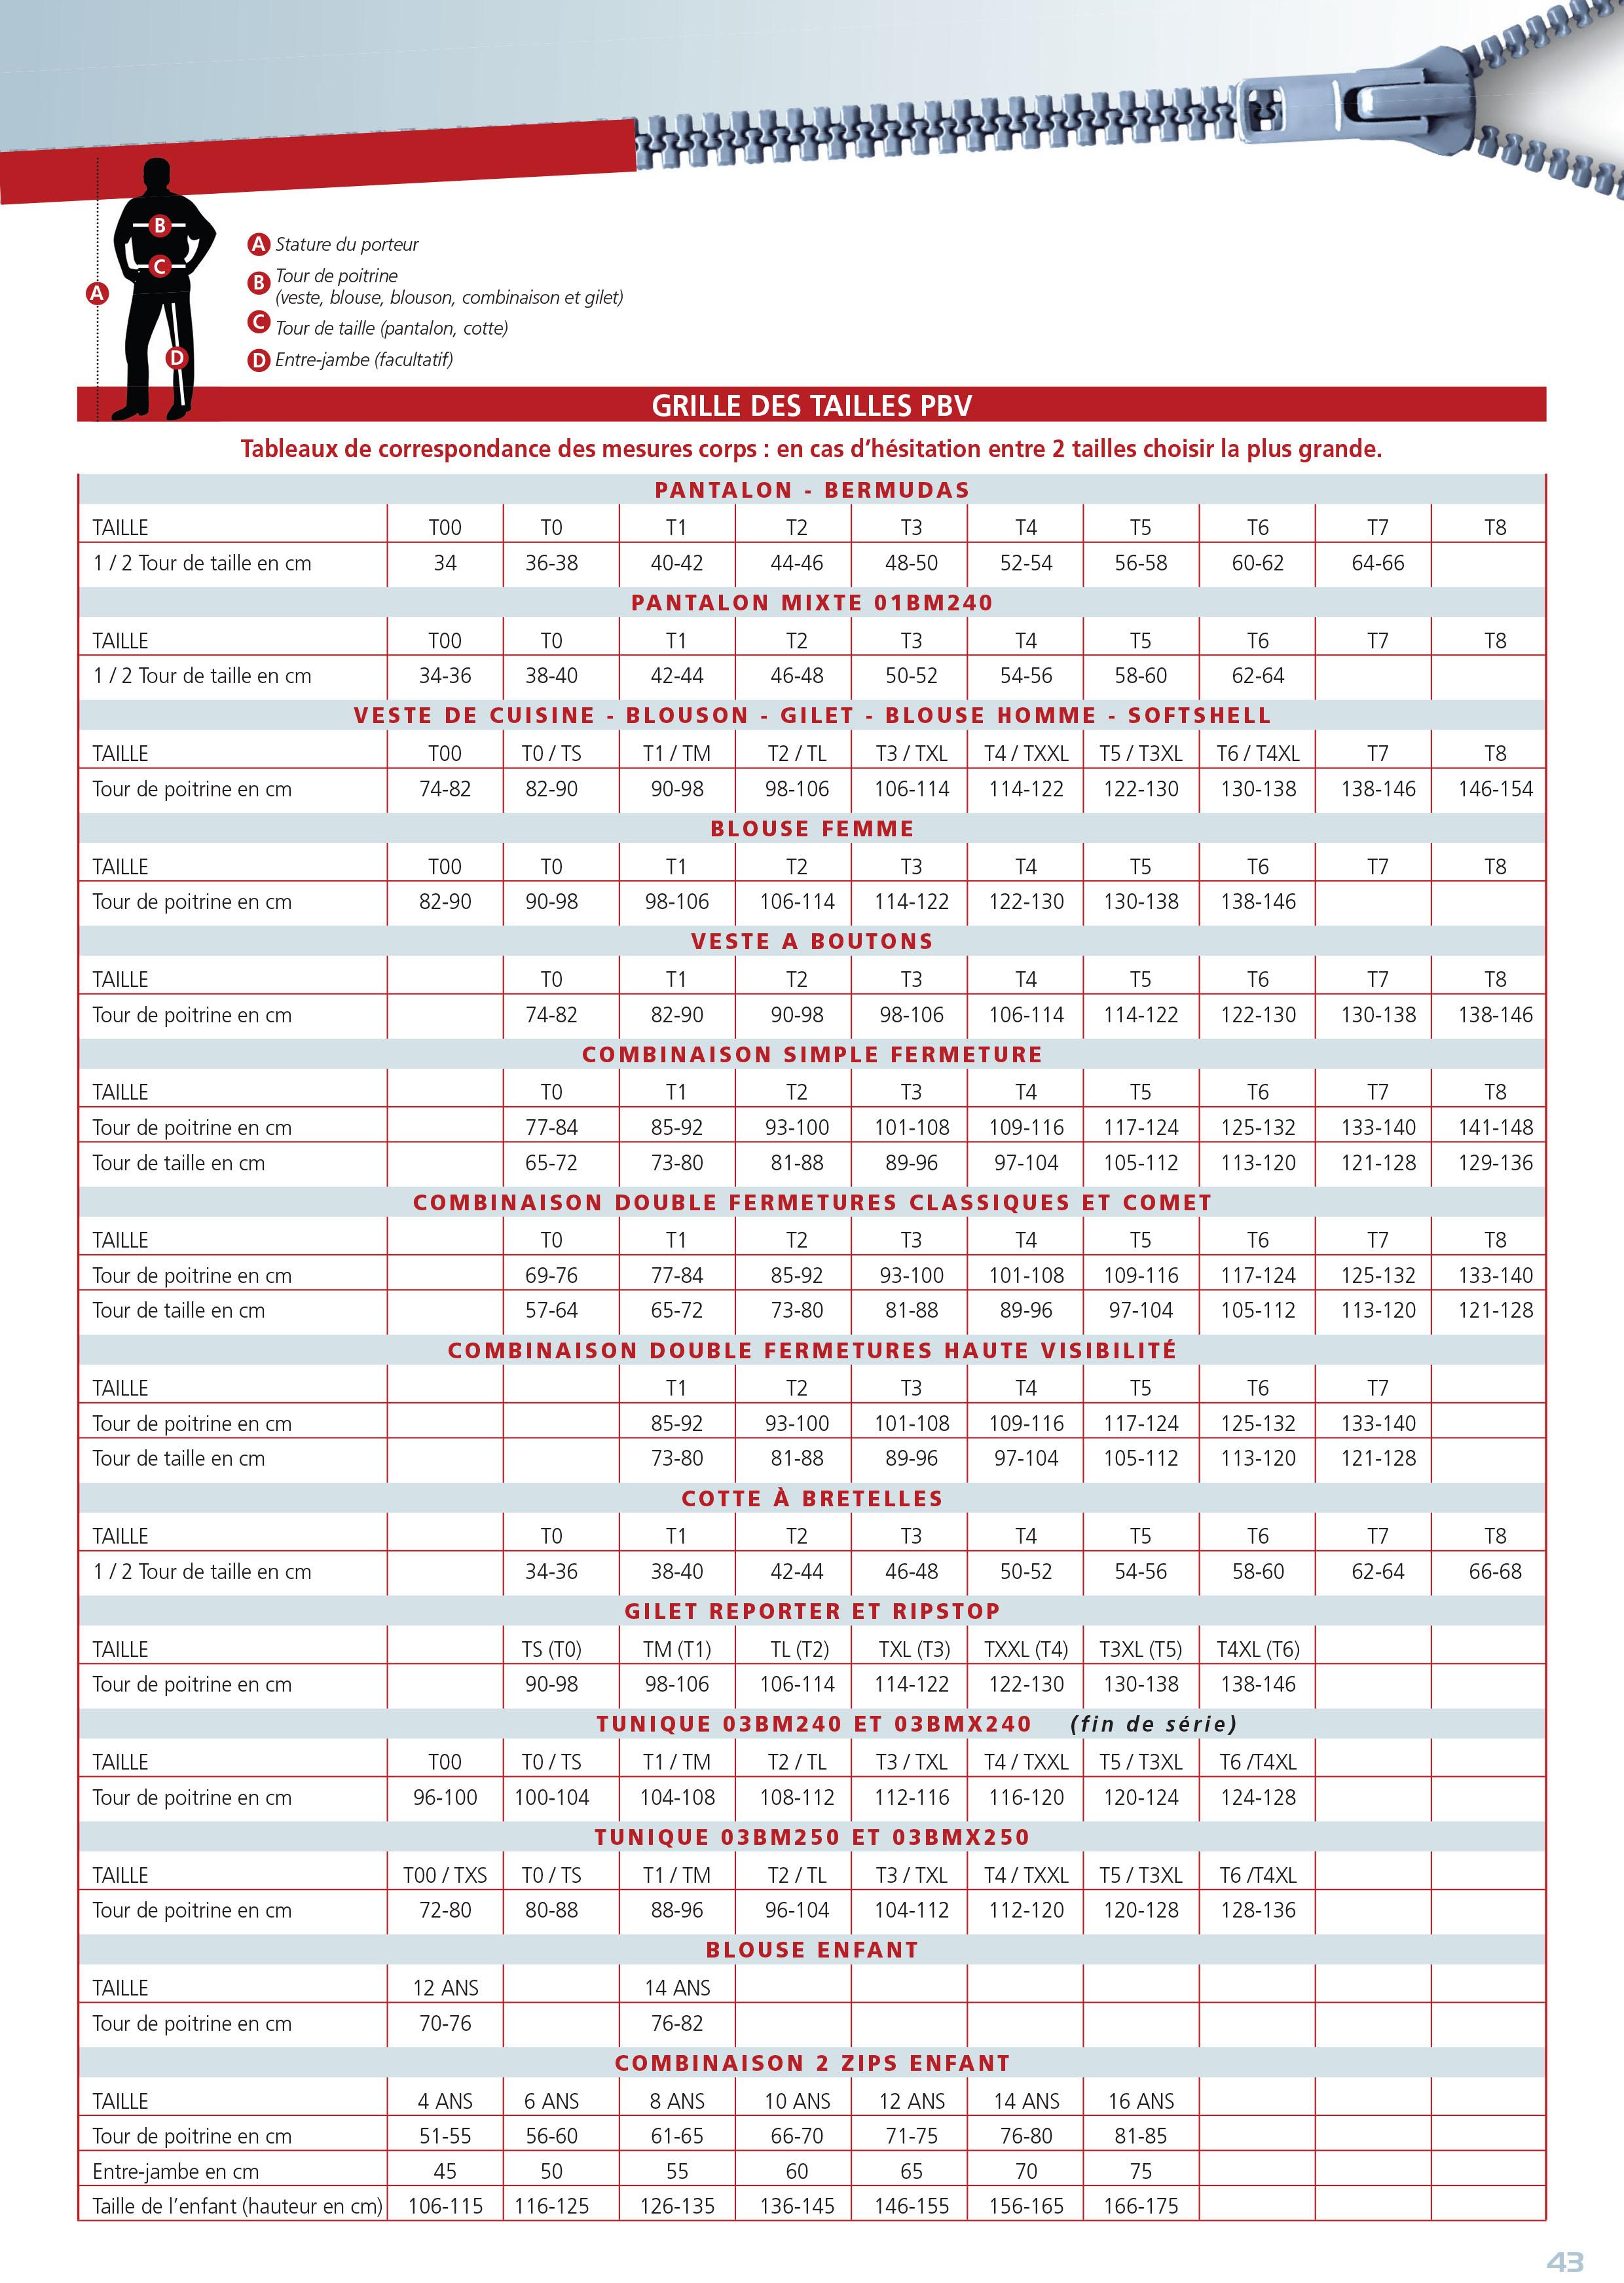 Guide des tailles pour PBV